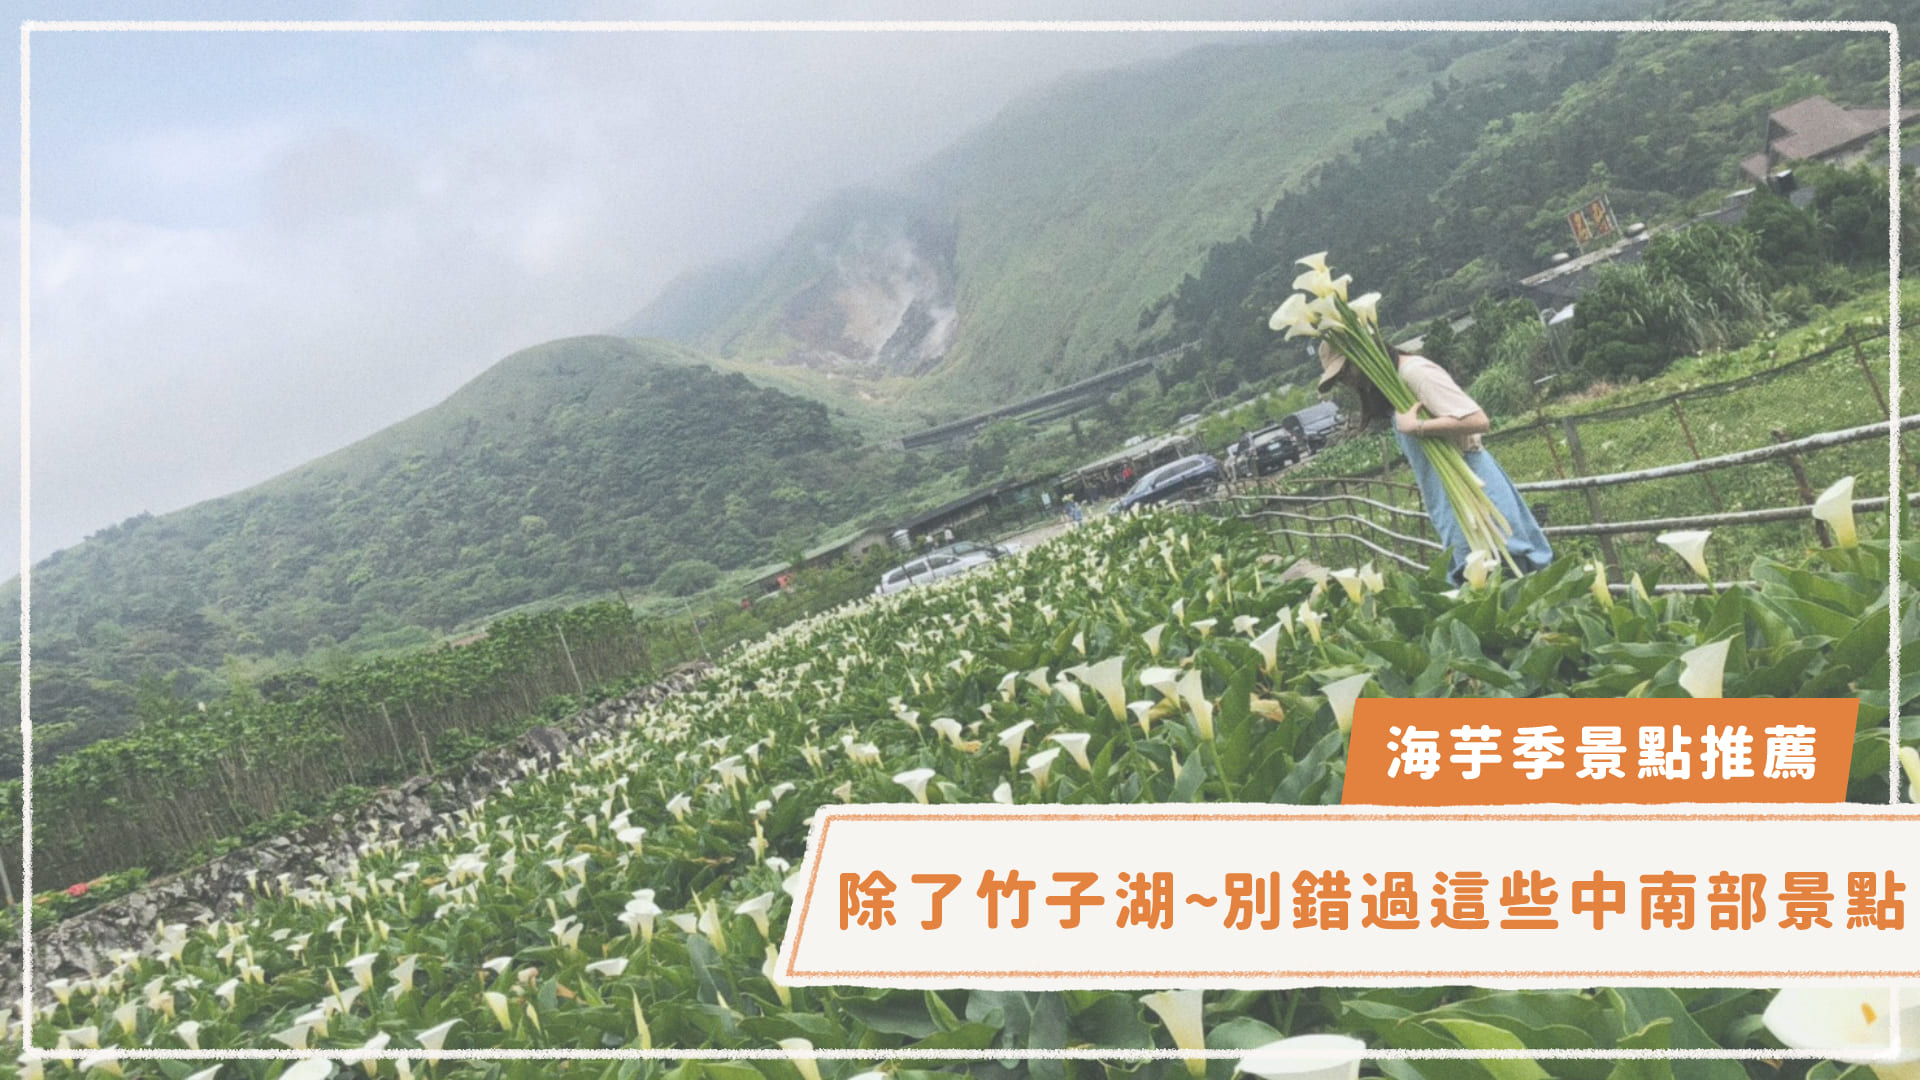 【海芋季景點推薦】除了竹子湖…別錯過這些中南部景點